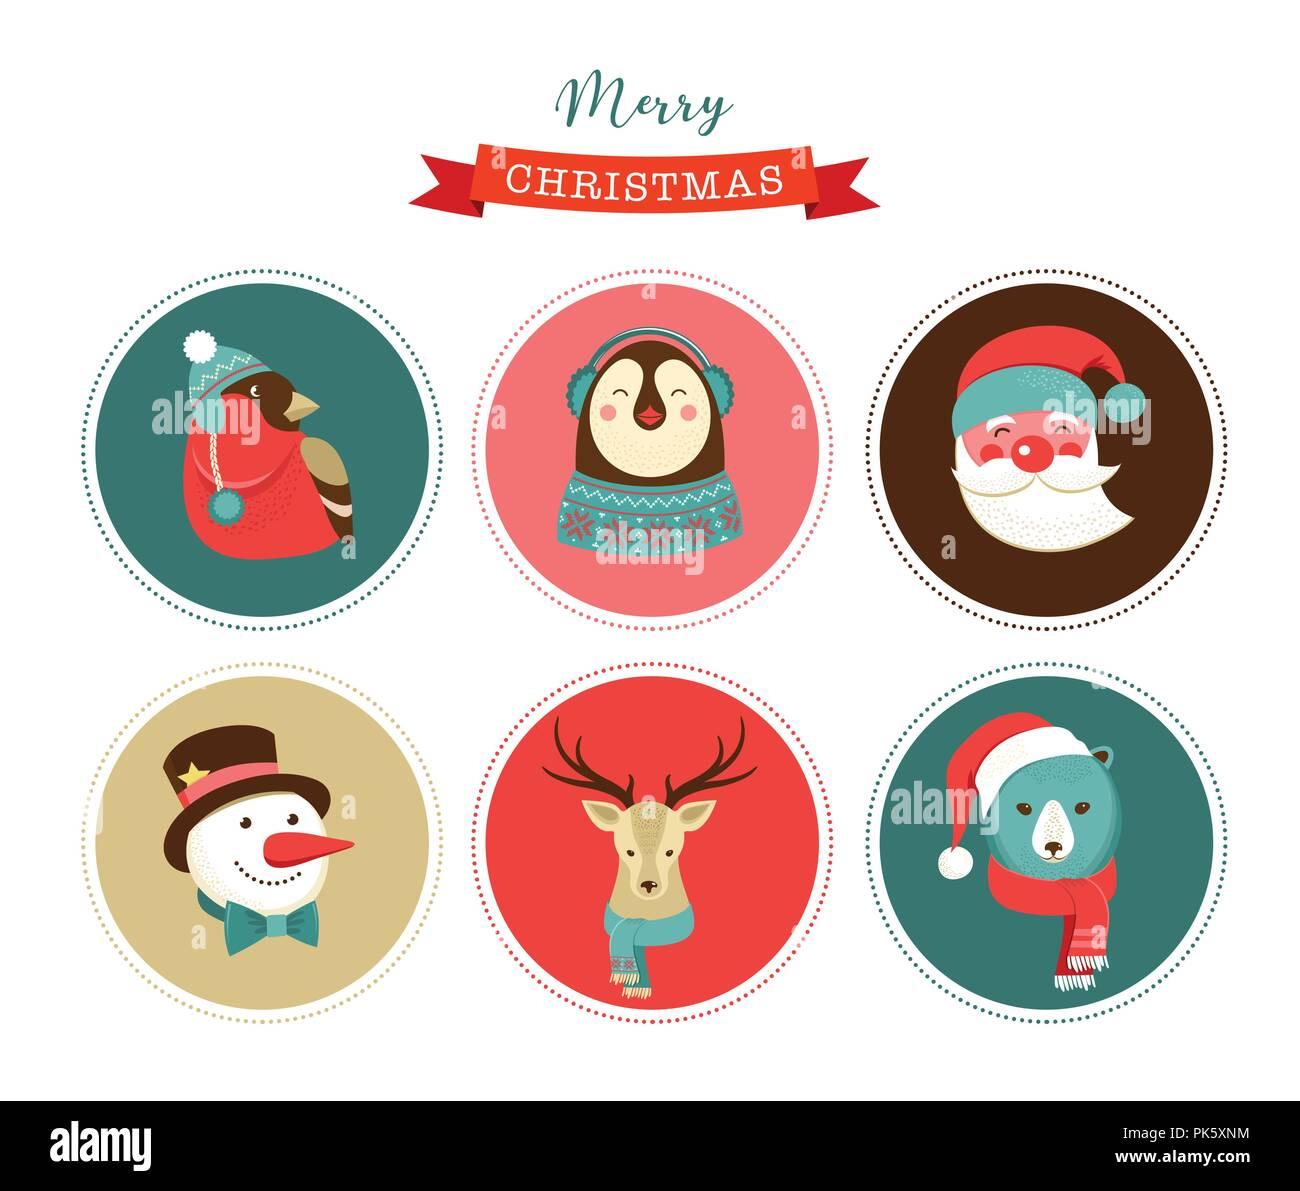 Immagini Natalizie Vettoriali.Buon Natale Icone Stile Retro Elementi E Illustrazione Ed